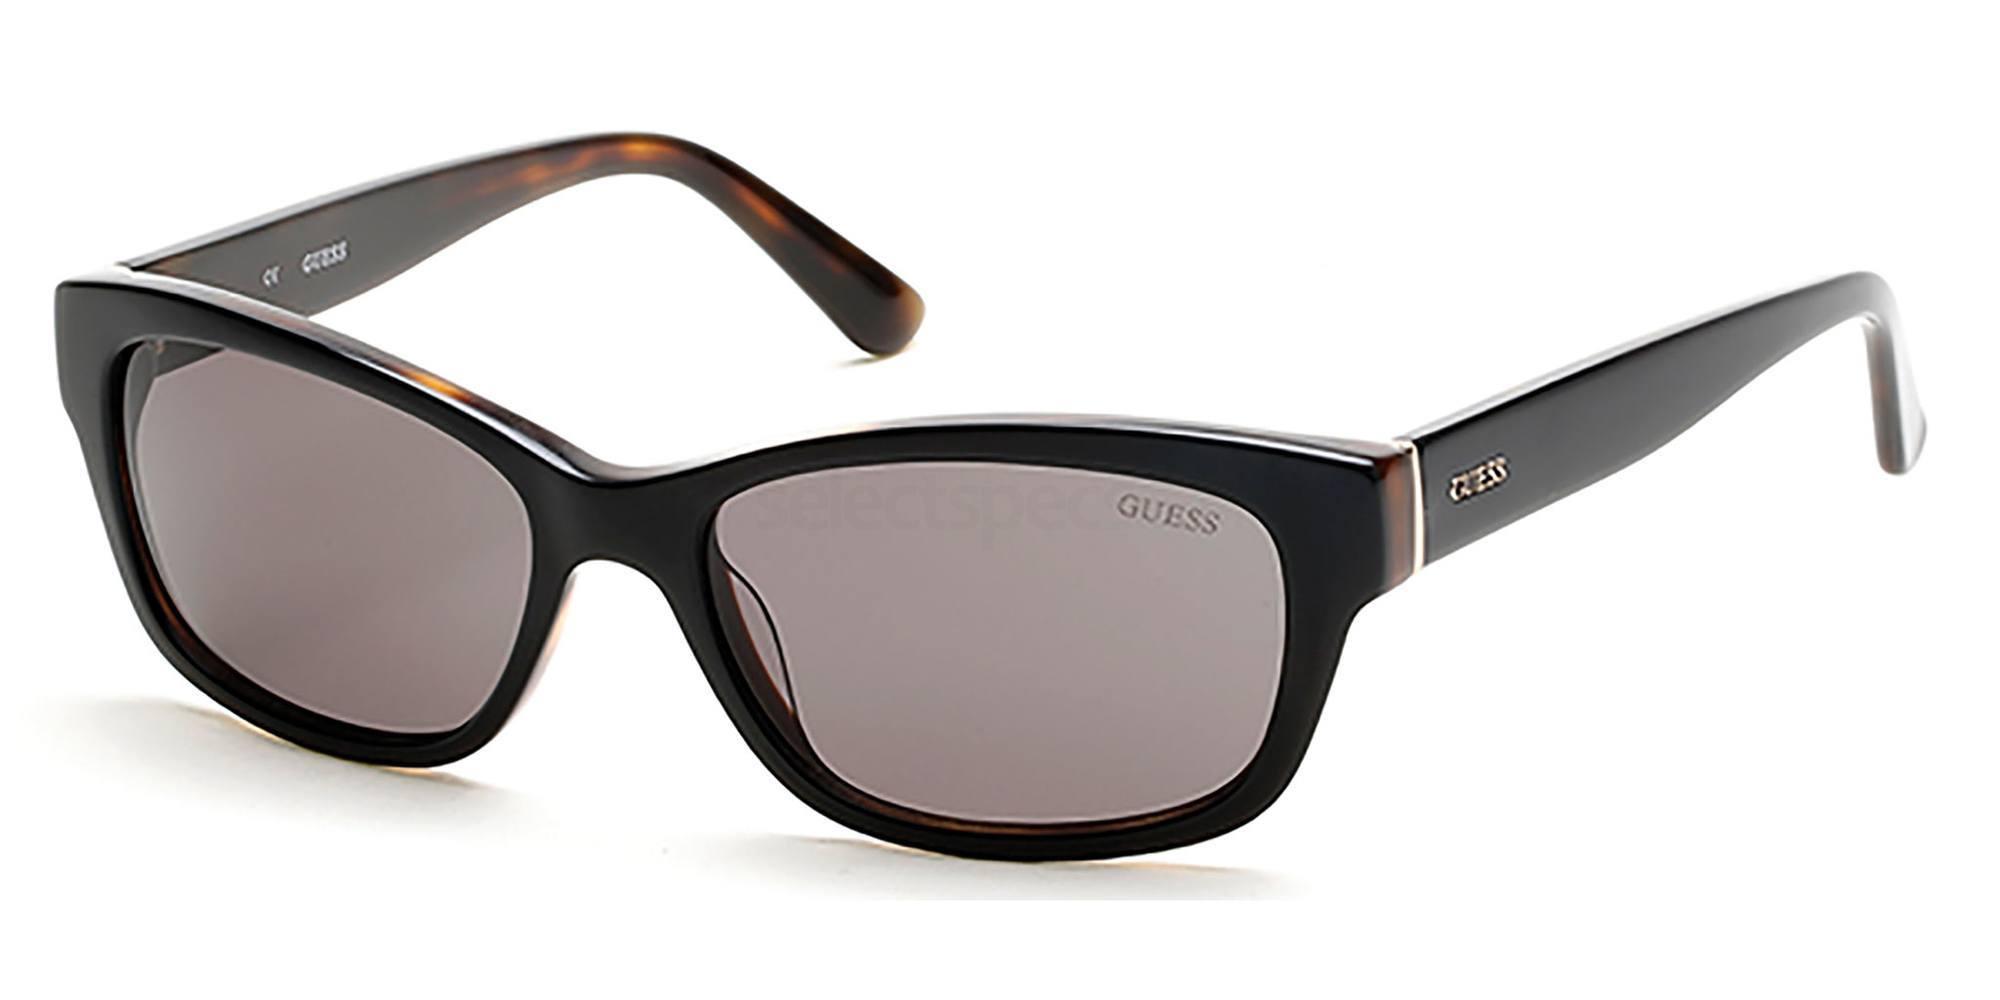 01A GU7409 Sunglasses, Guess